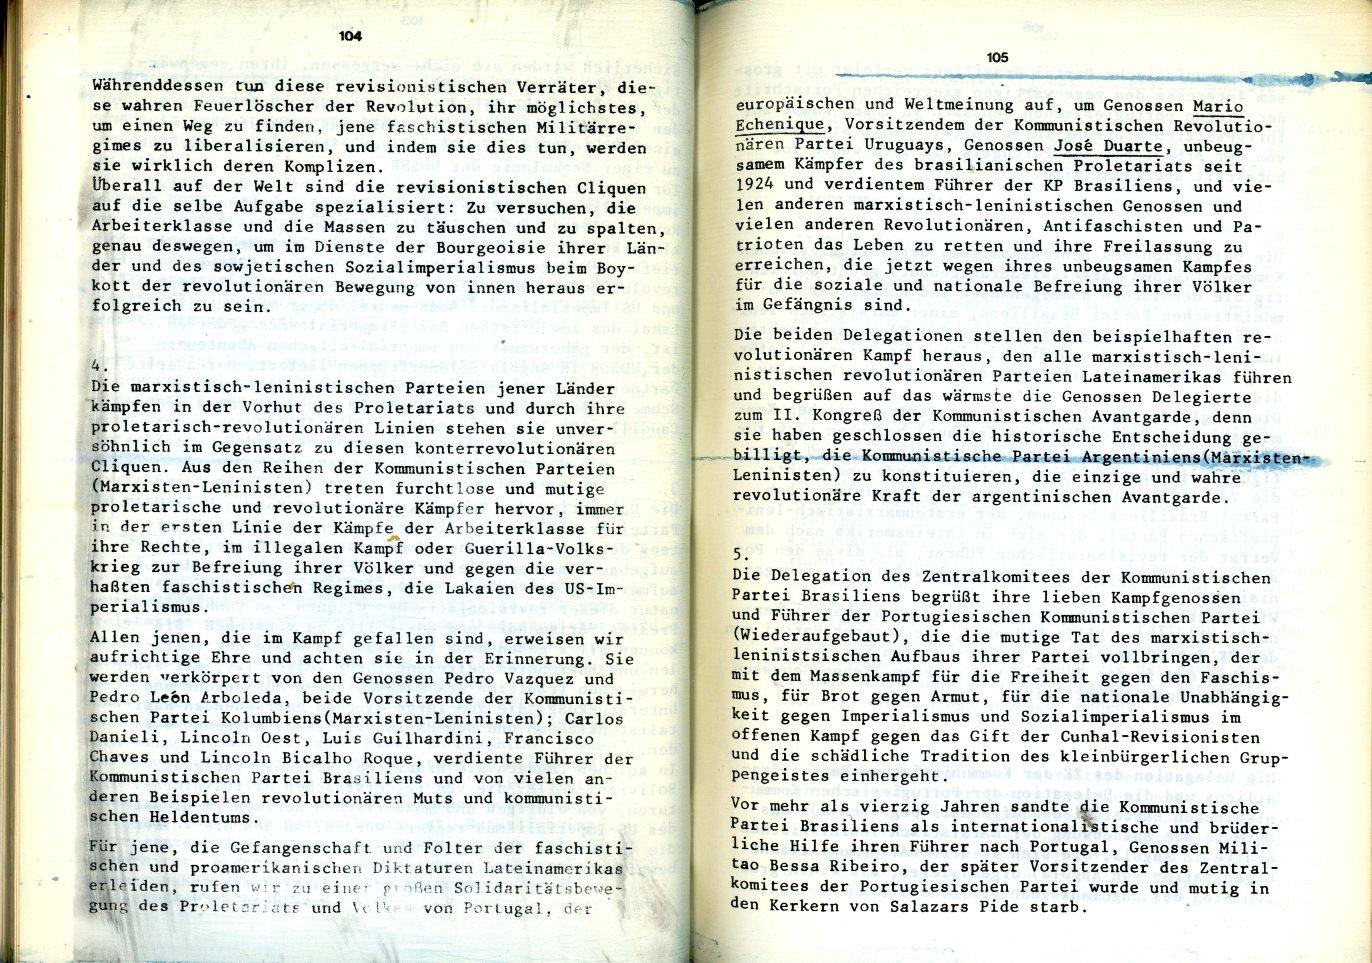 MLSK_Theorie_und_Praxis_des_ML_1978_20_61